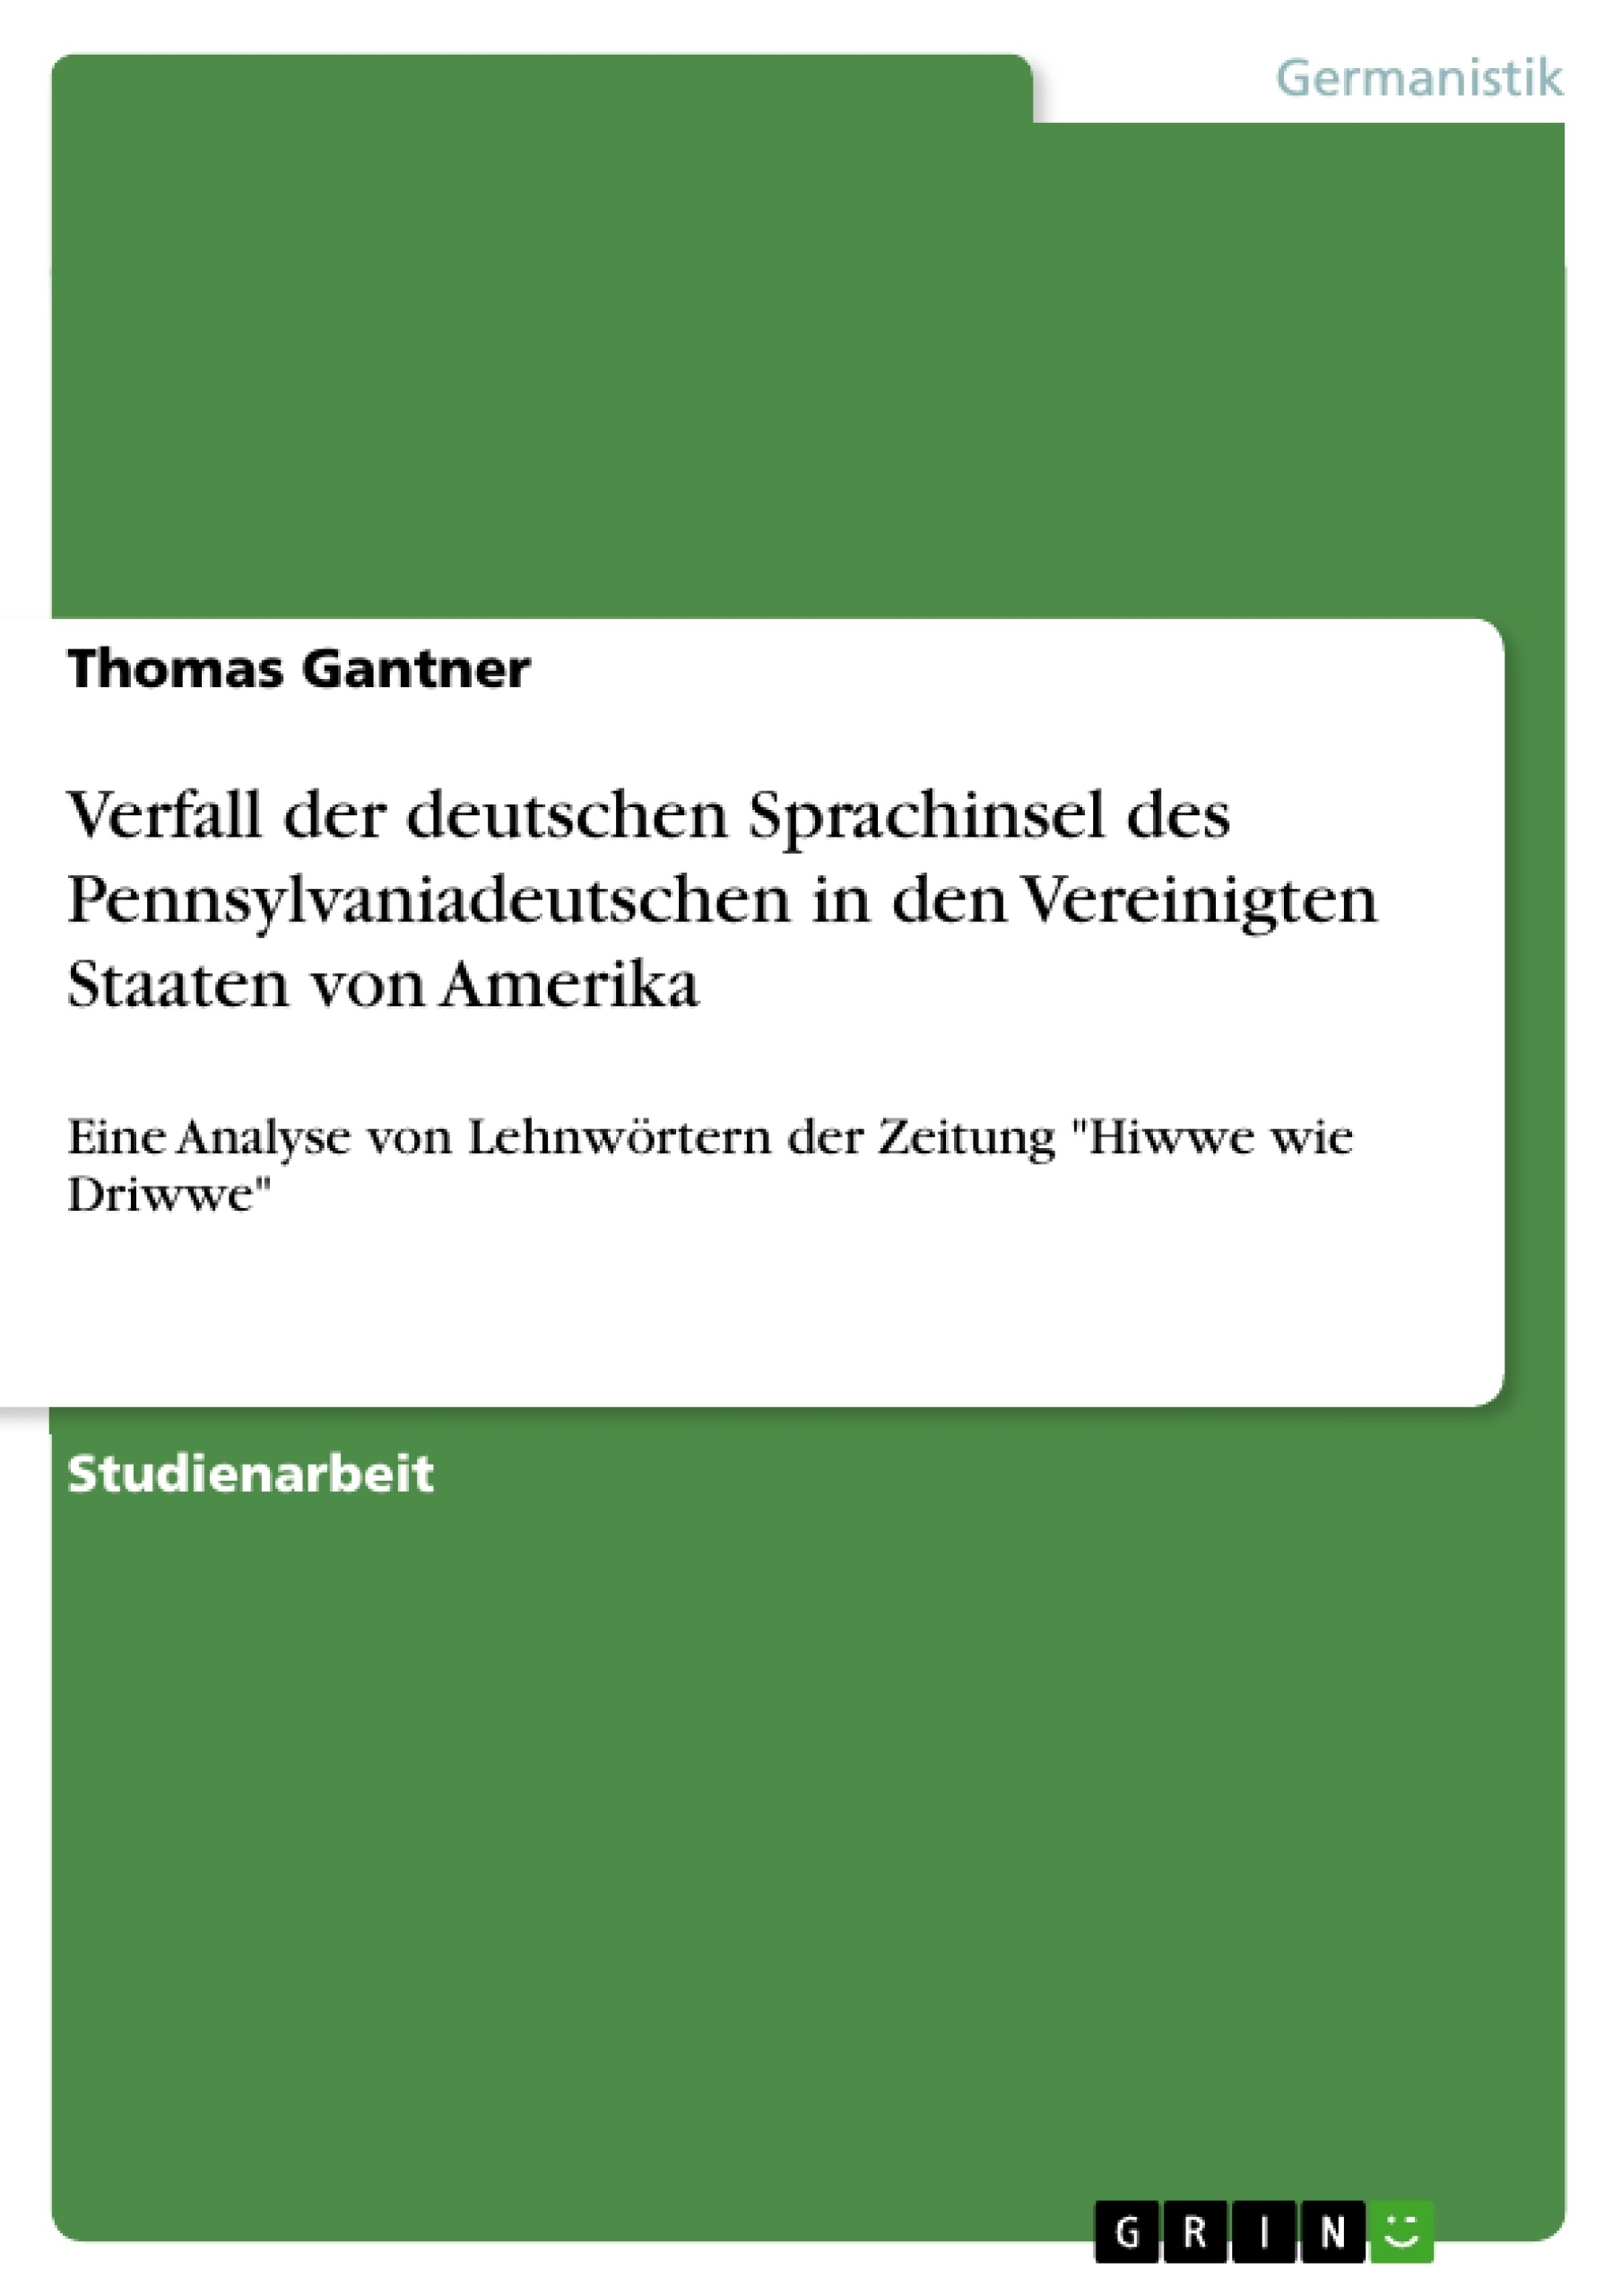 Titel: Verfall der deutschen Sprachinsel des Pennsylvaniadeutschen in den Vereinigten Staaten von Amerika